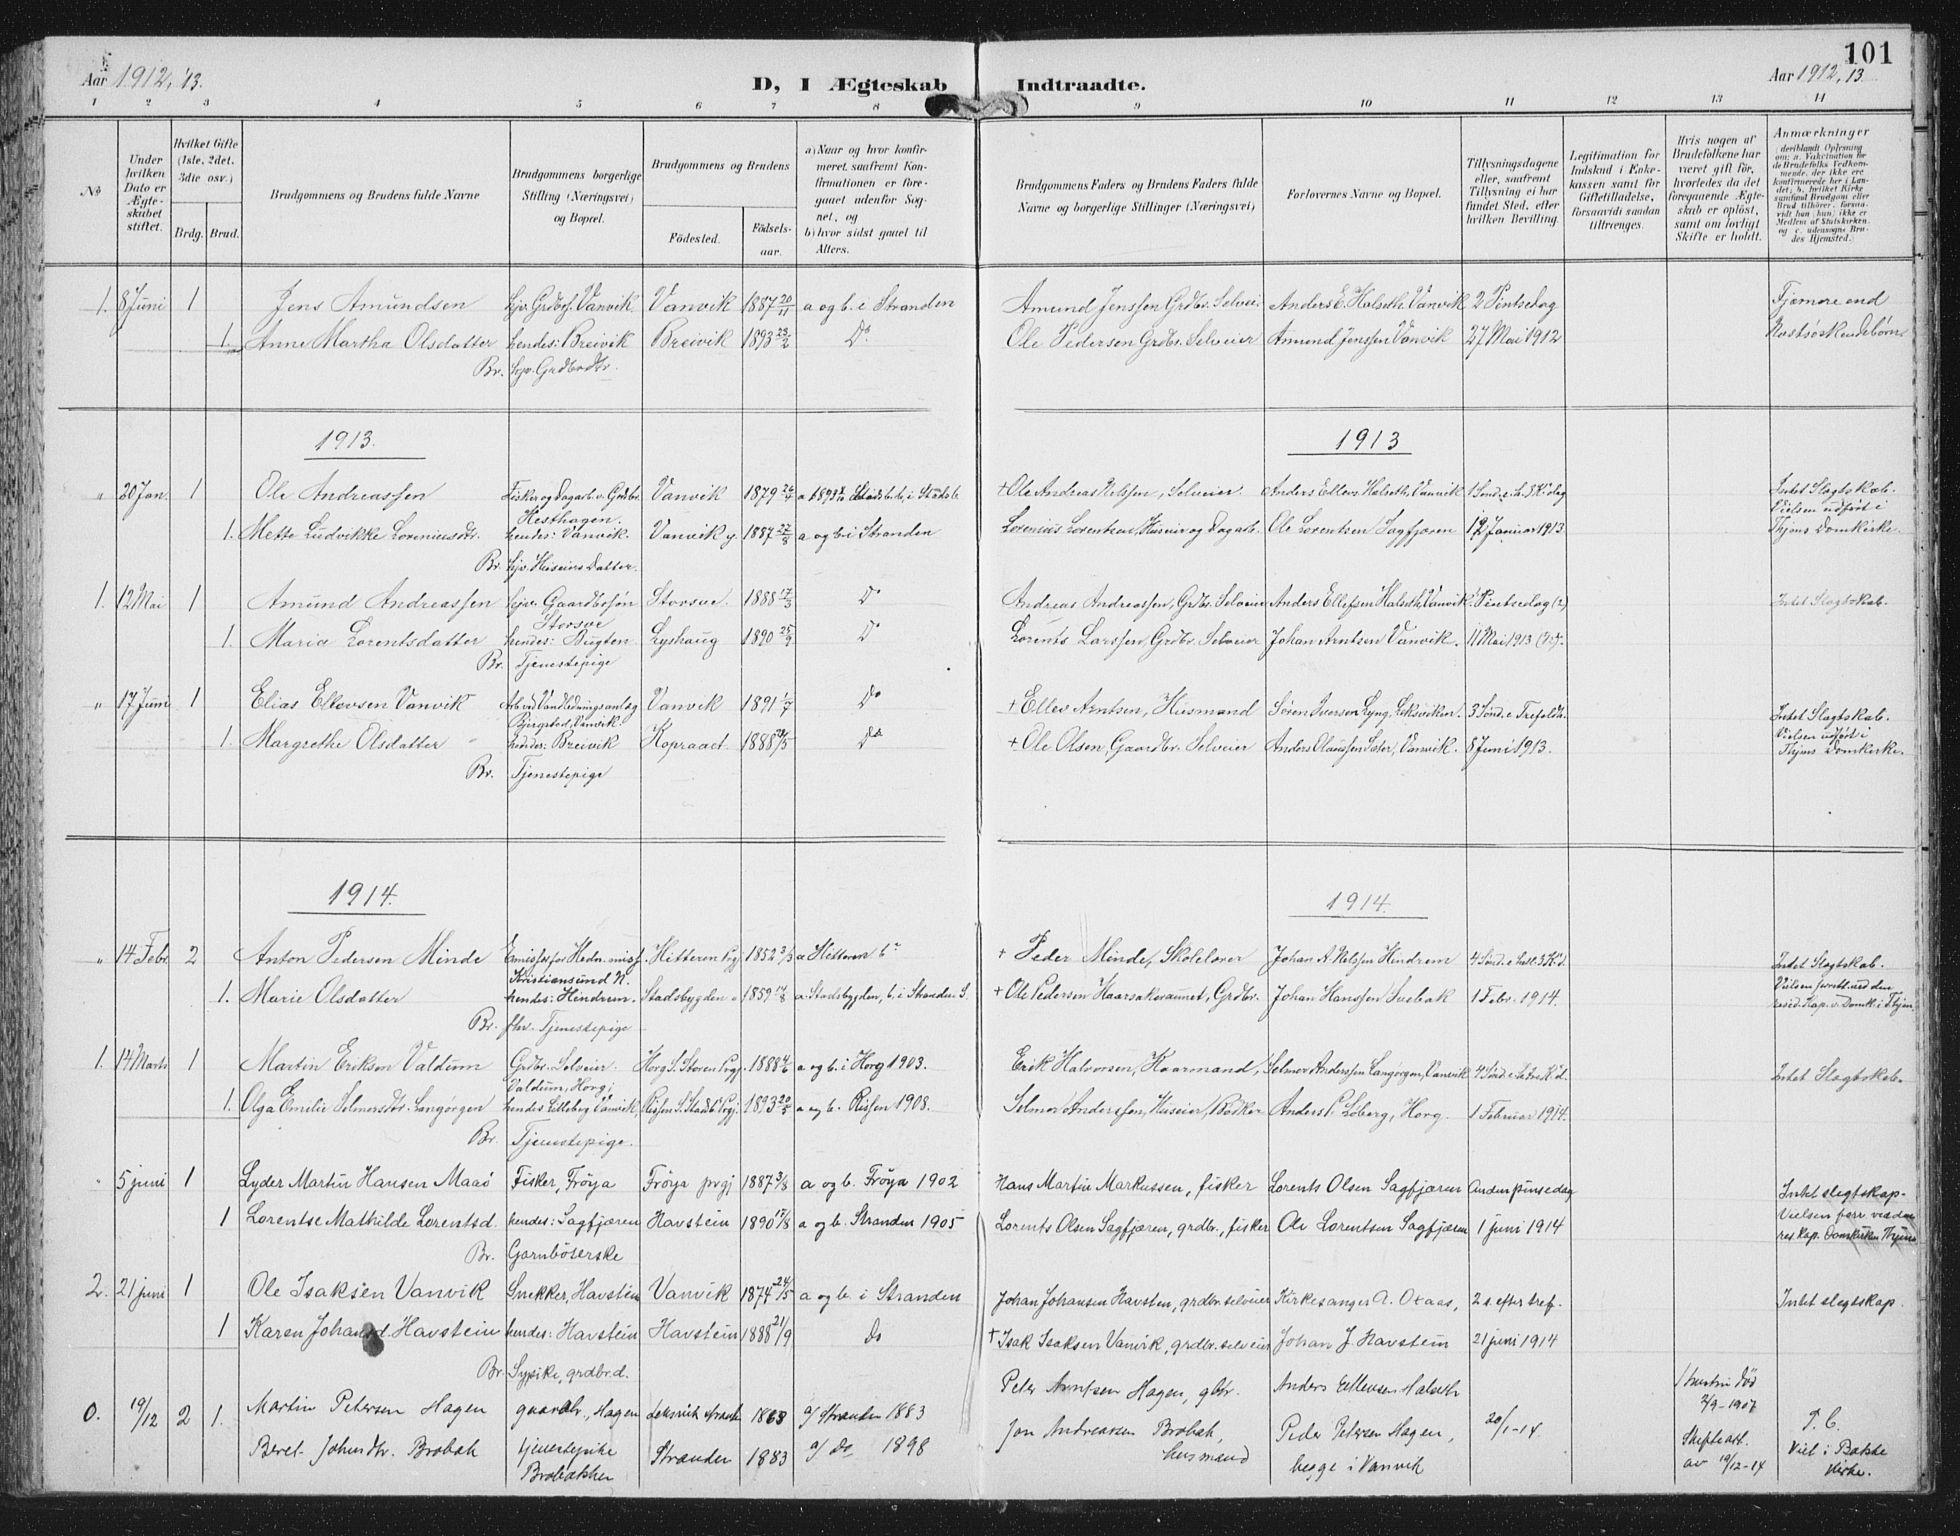 SAT, Ministerialprotokoller, klokkerbøker og fødselsregistre - Nord-Trøndelag, 702/L0024: Ministerialbok nr. 702A02, 1898-1914, s. 101